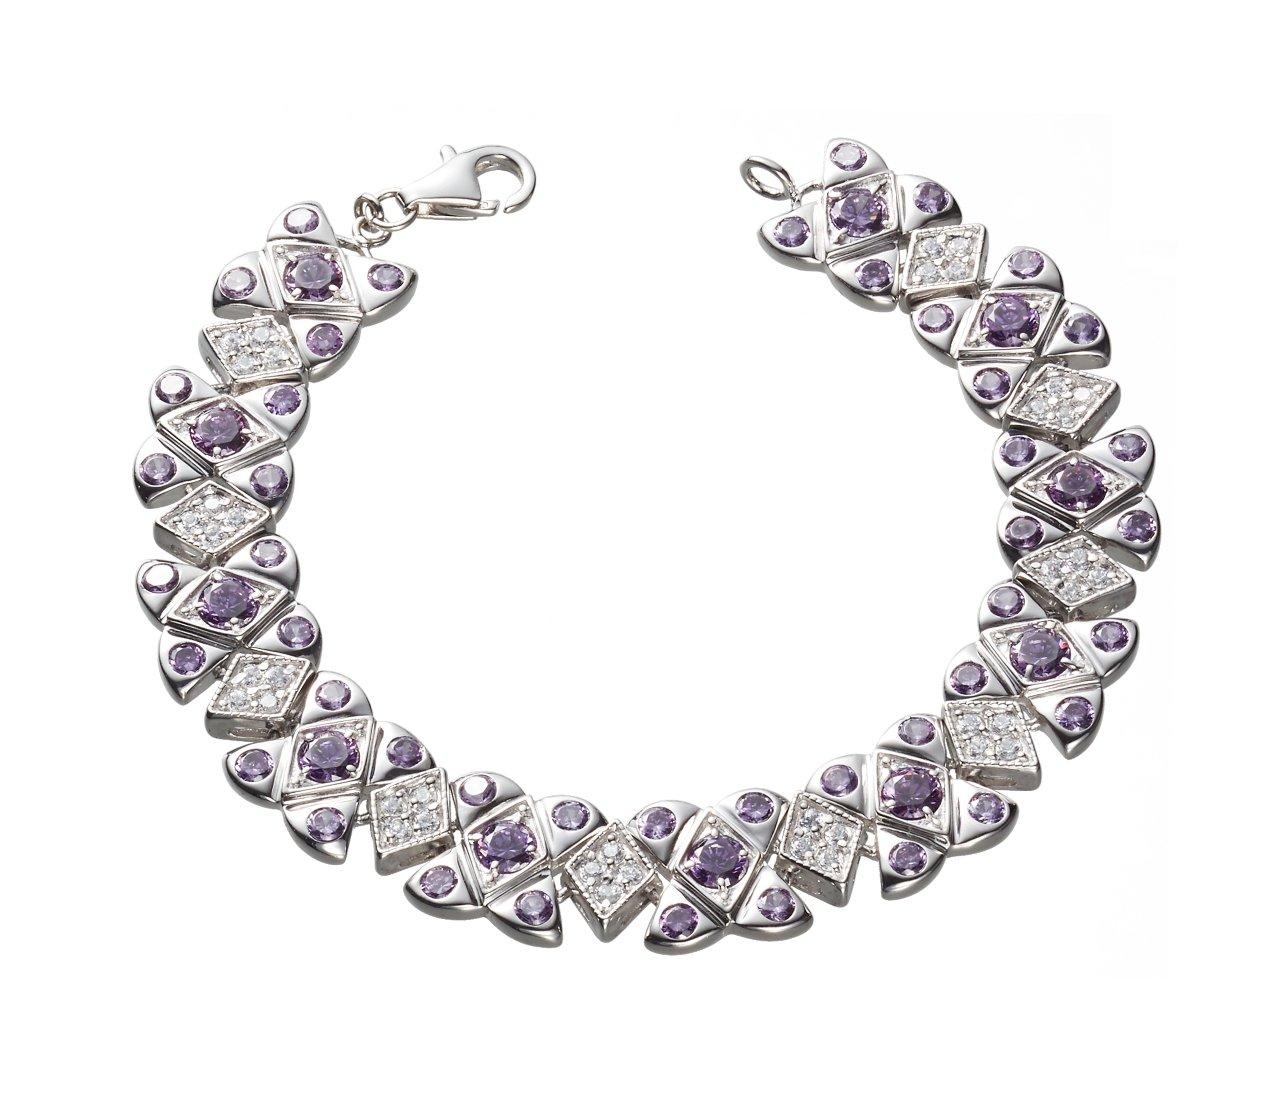 NEW ARRIVAL Queen Jocelyn Fashion Style Purple and White Cubic Zirconia Strand Bracelet by Queen Jocelyn